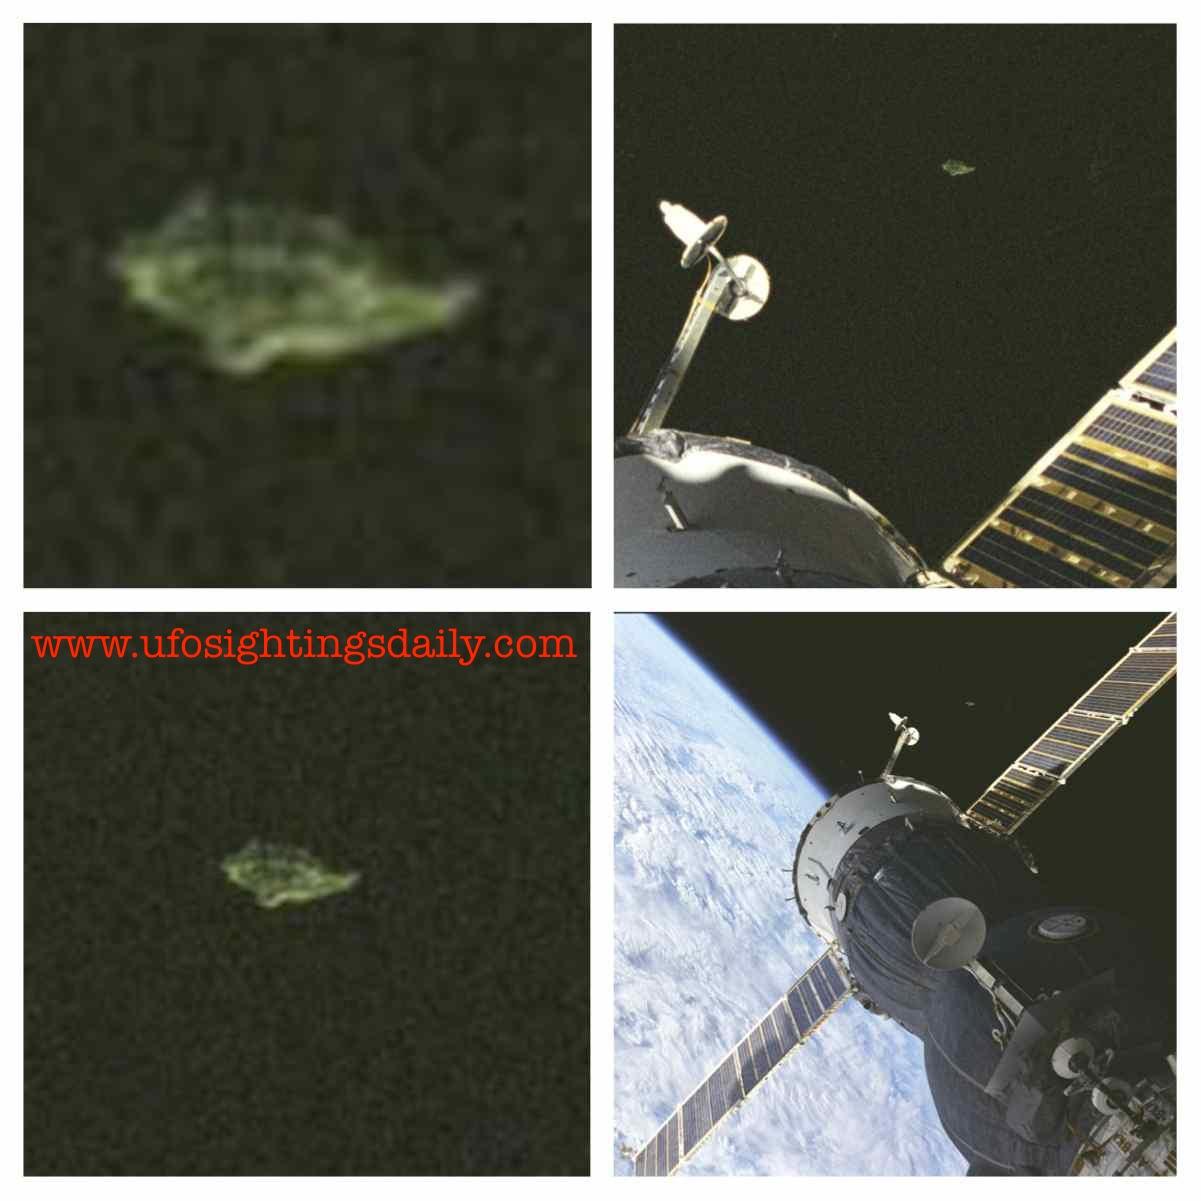 ... foi tirada durante e após o ufo e é inferior em formato giff a foto